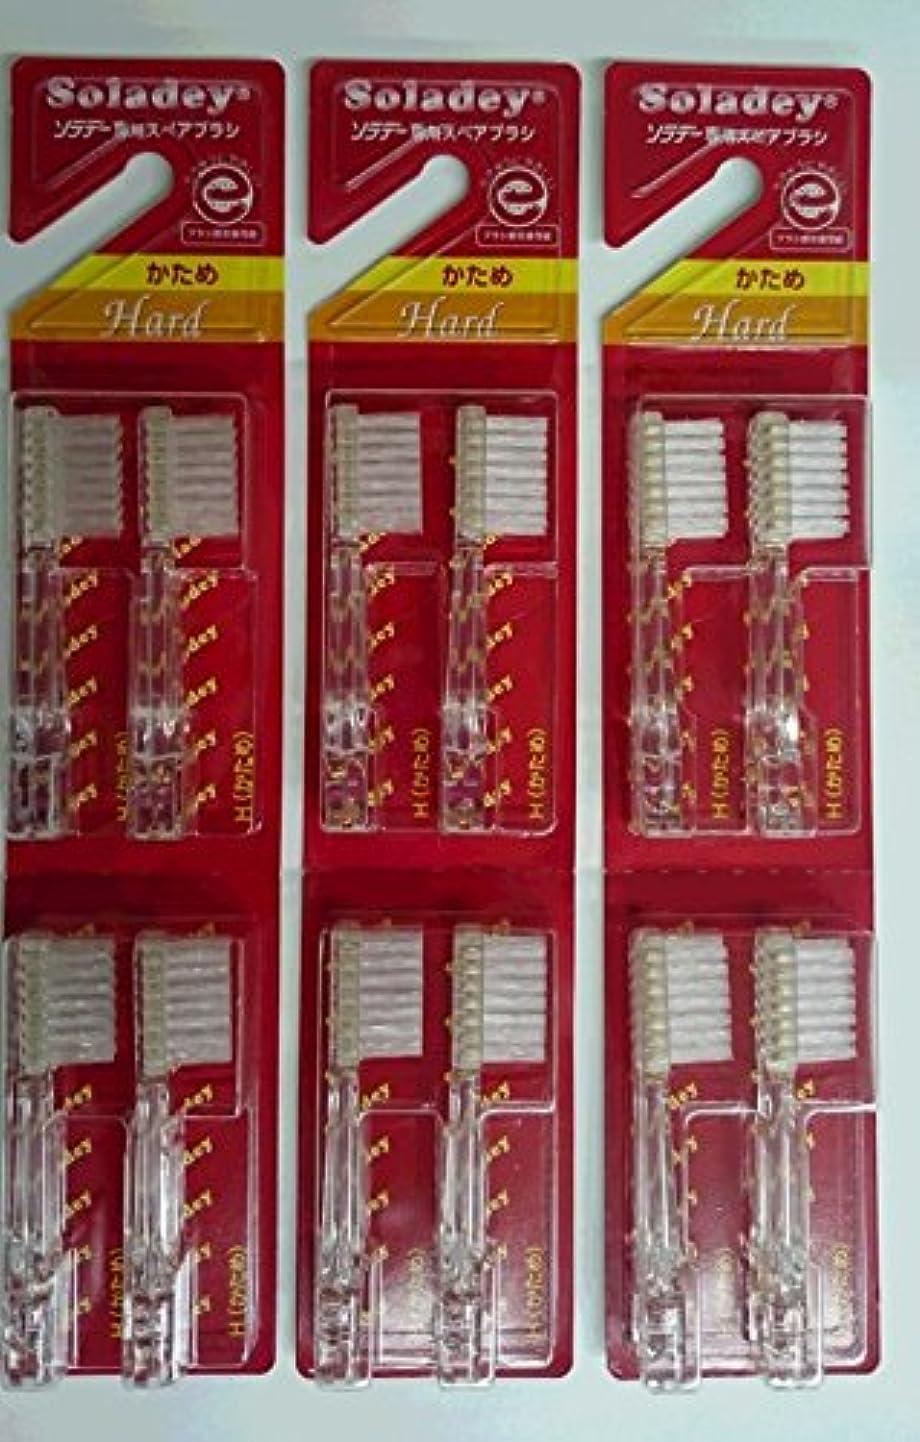 親愛な反動専門用語ソラデー3 スペアブラシ かため 4本入り×3セット(計12本)